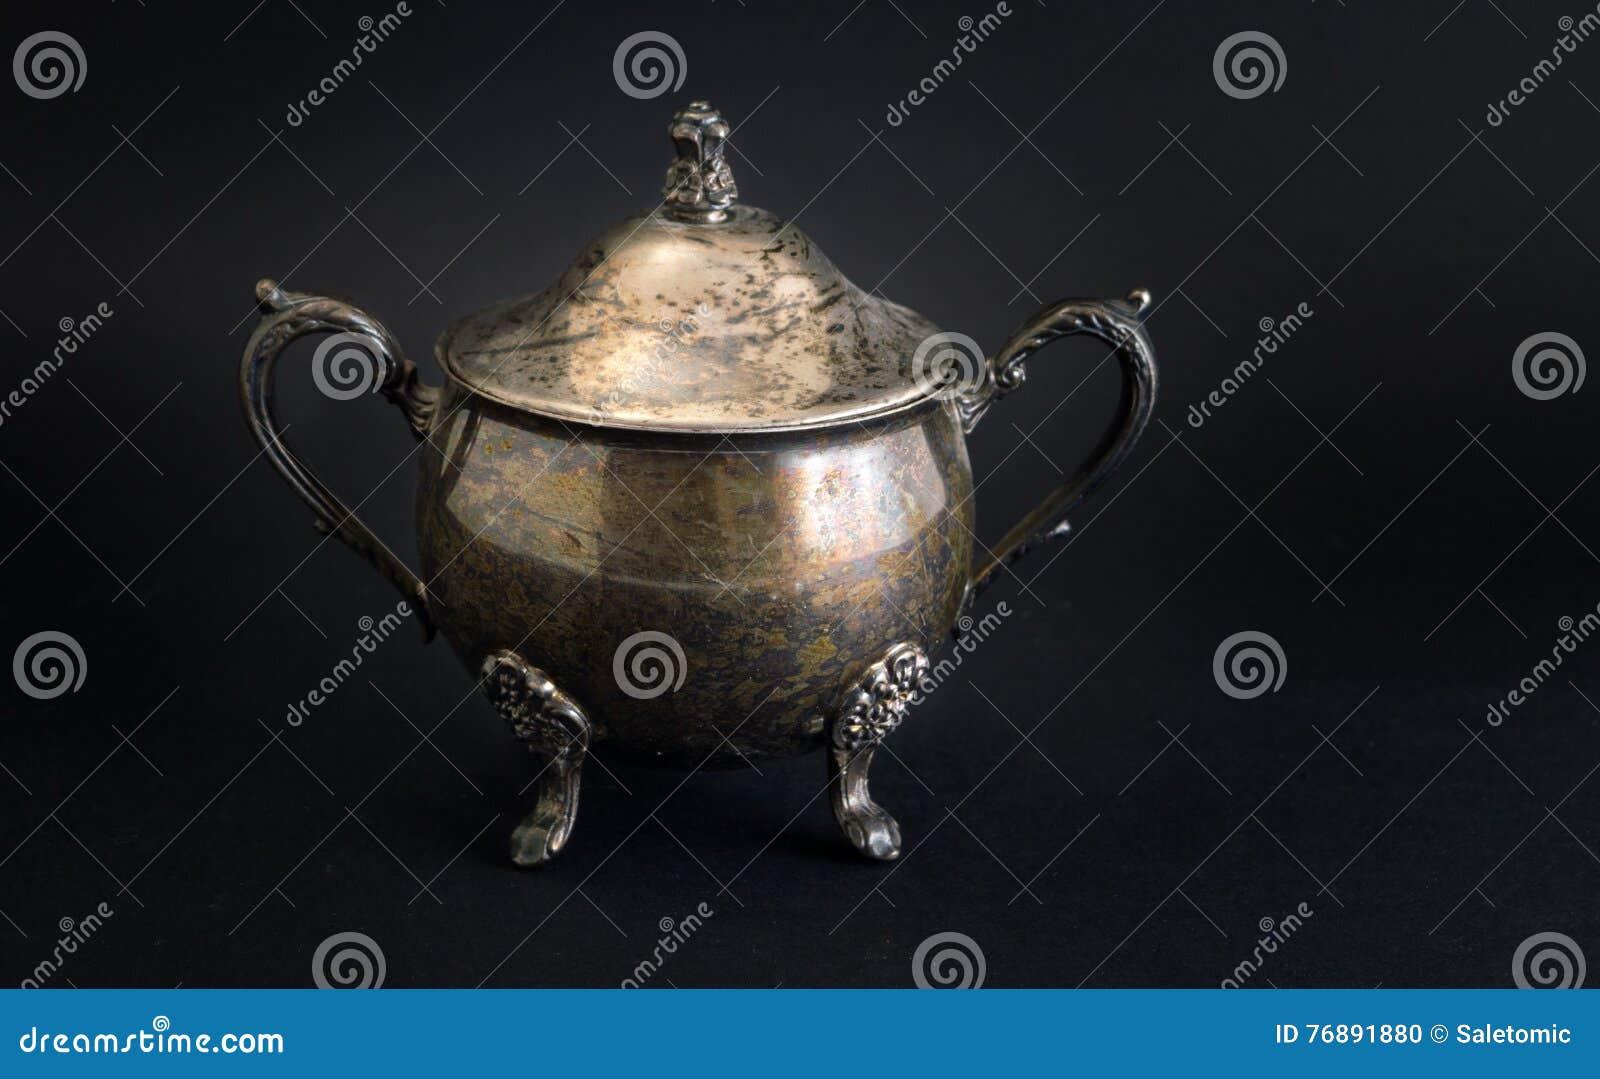 Sehr Altes Silbernes Kuchenzubehor Stockfoto Bild Von Krug Ausfuhrlich 76891880